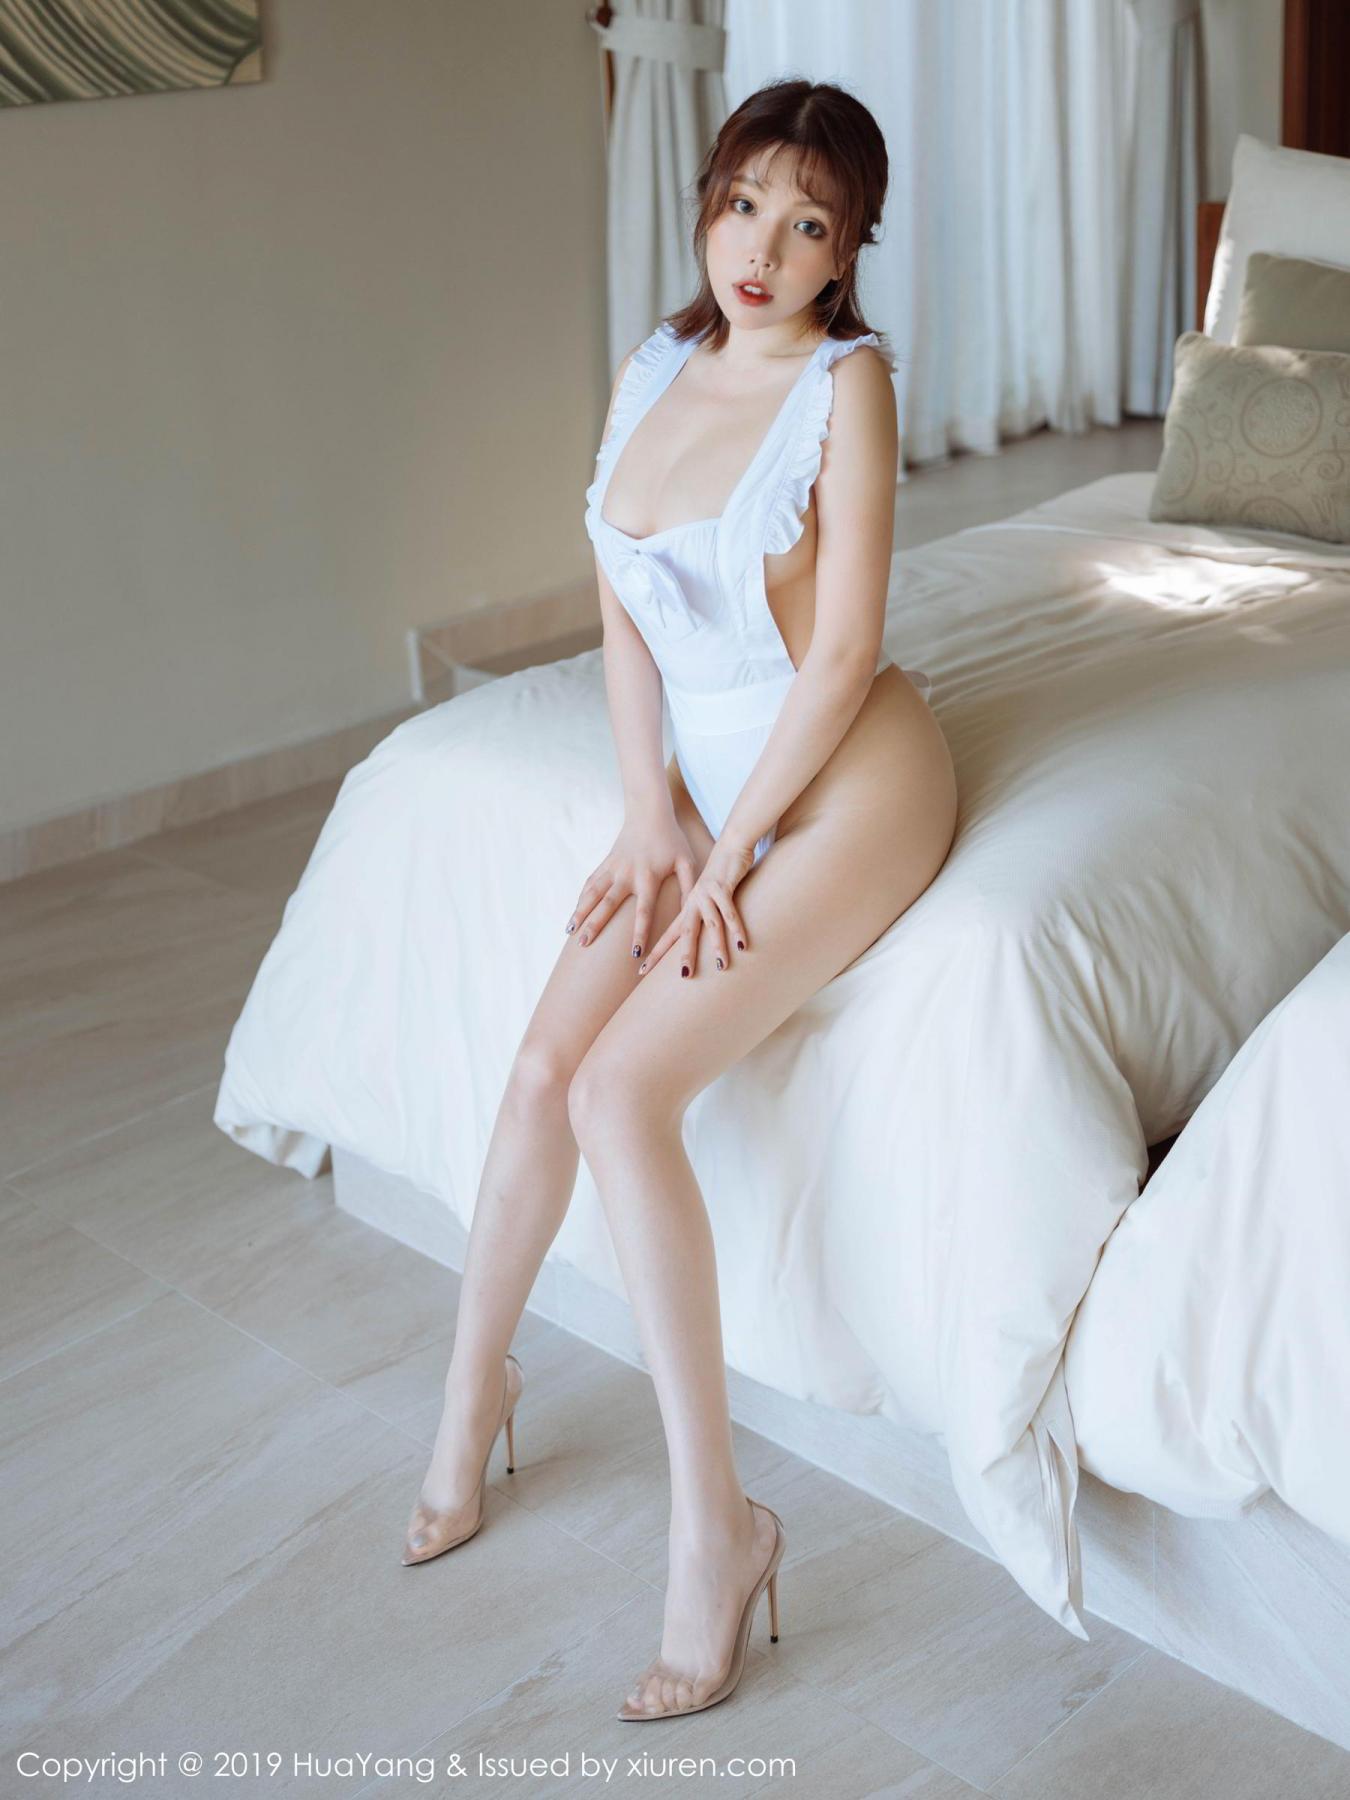 [Huayang] Vol.134 Huang Le Ran 1P, Huang Le Ran, HuaYang, Maid, Sexy